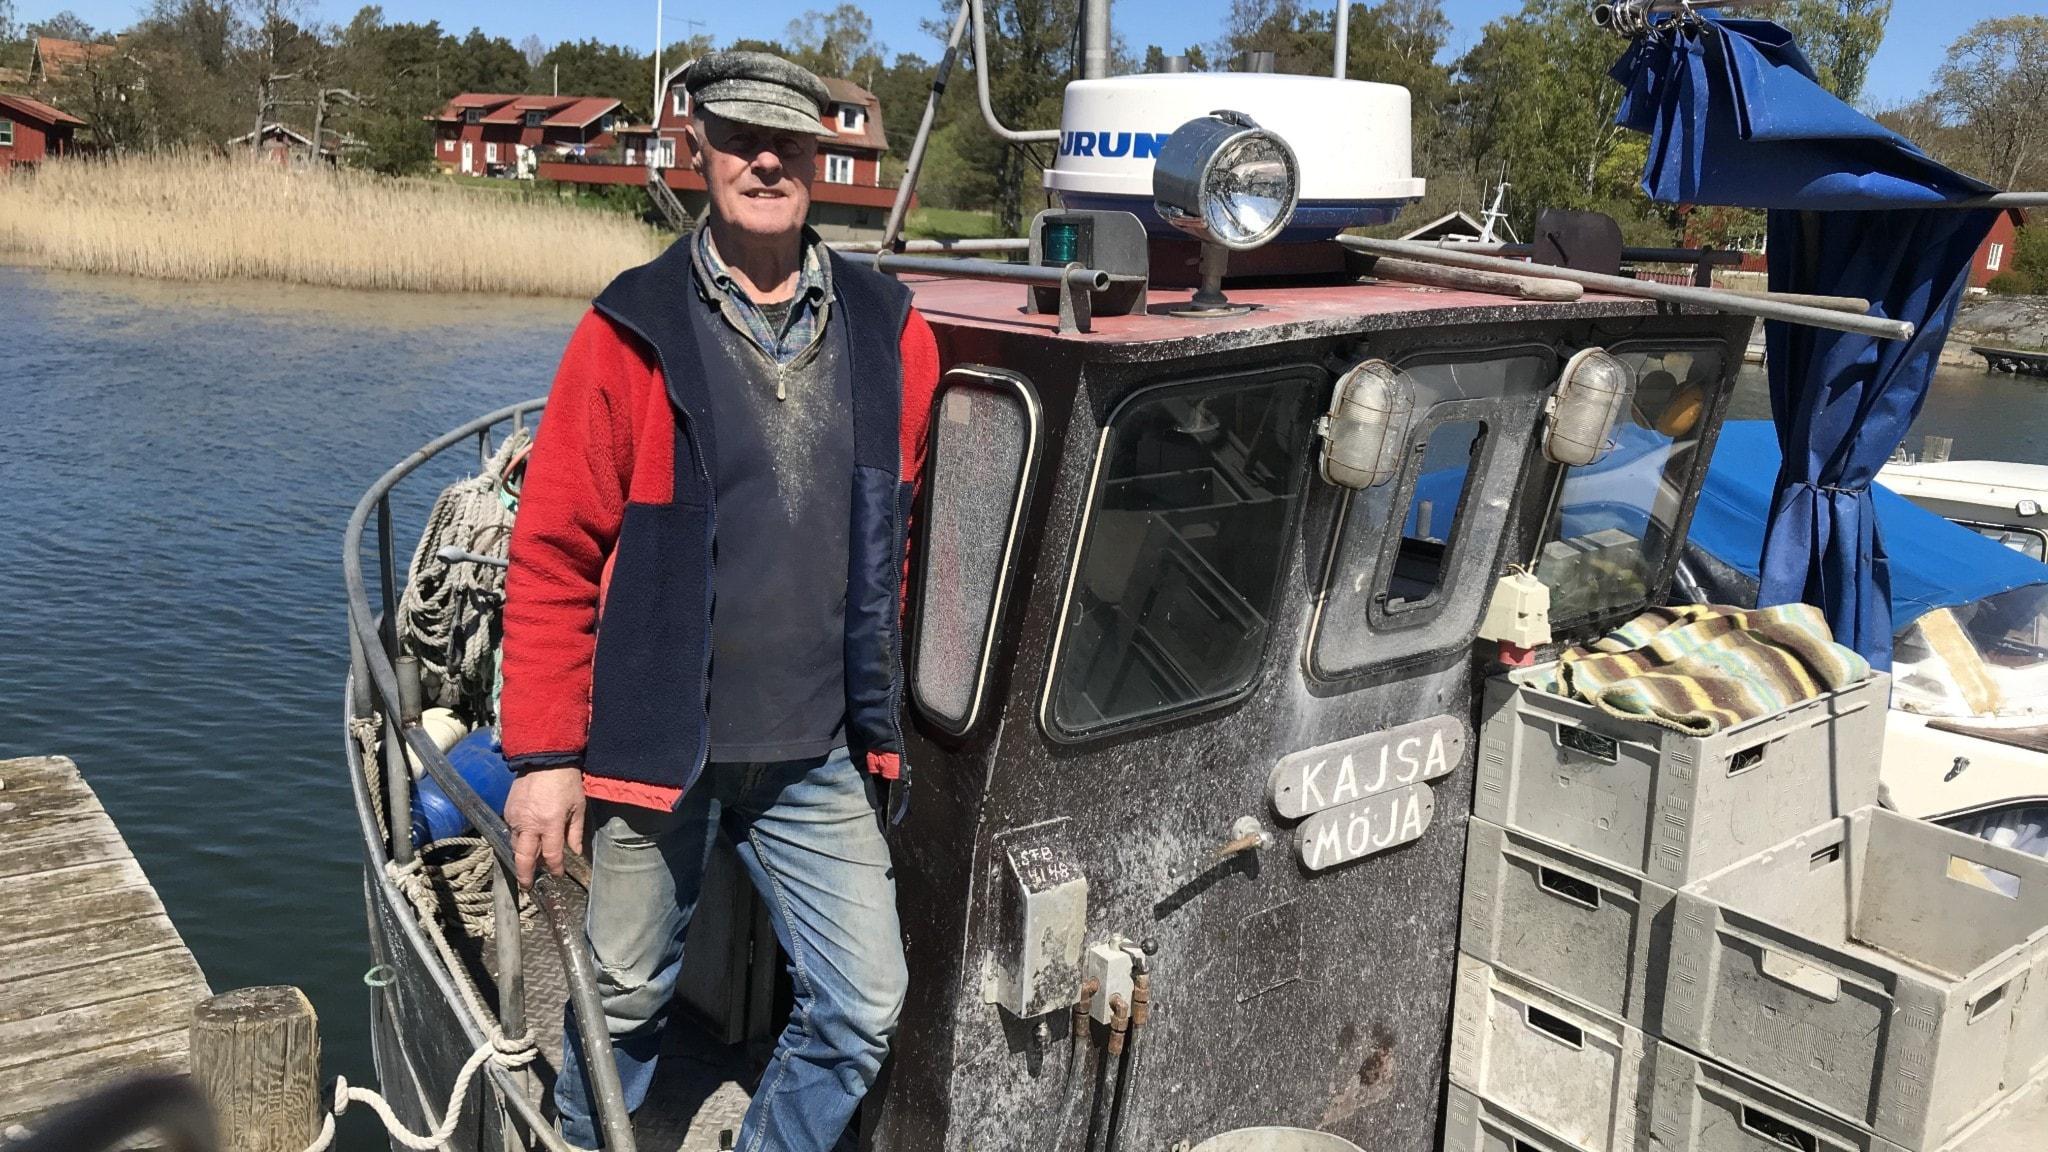 En fiskare står i sin båt som är anlagd vid en brygga.